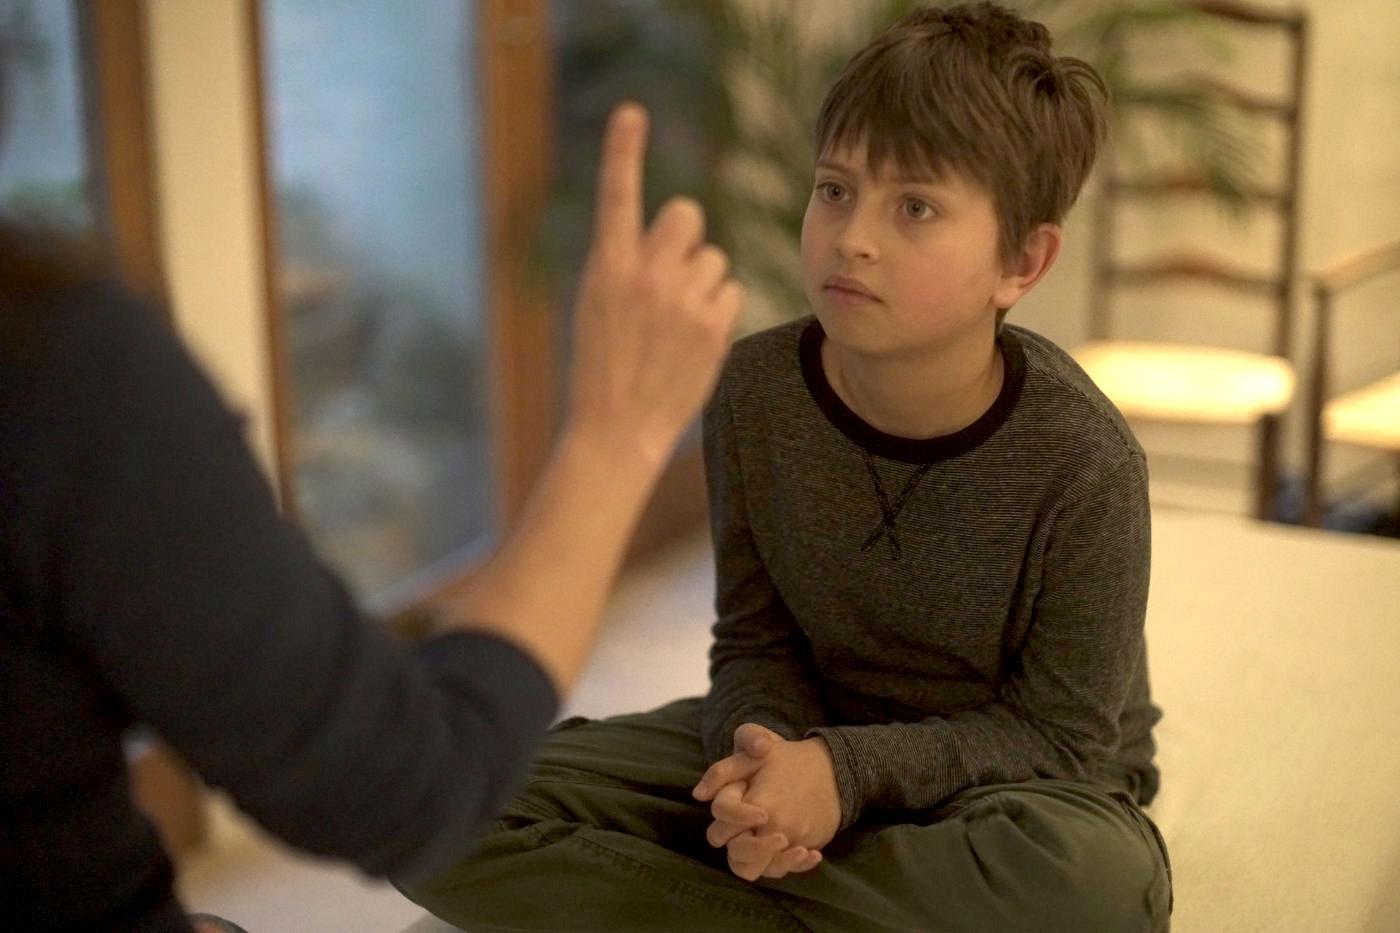 Child receiving Brainbuzzz therapy